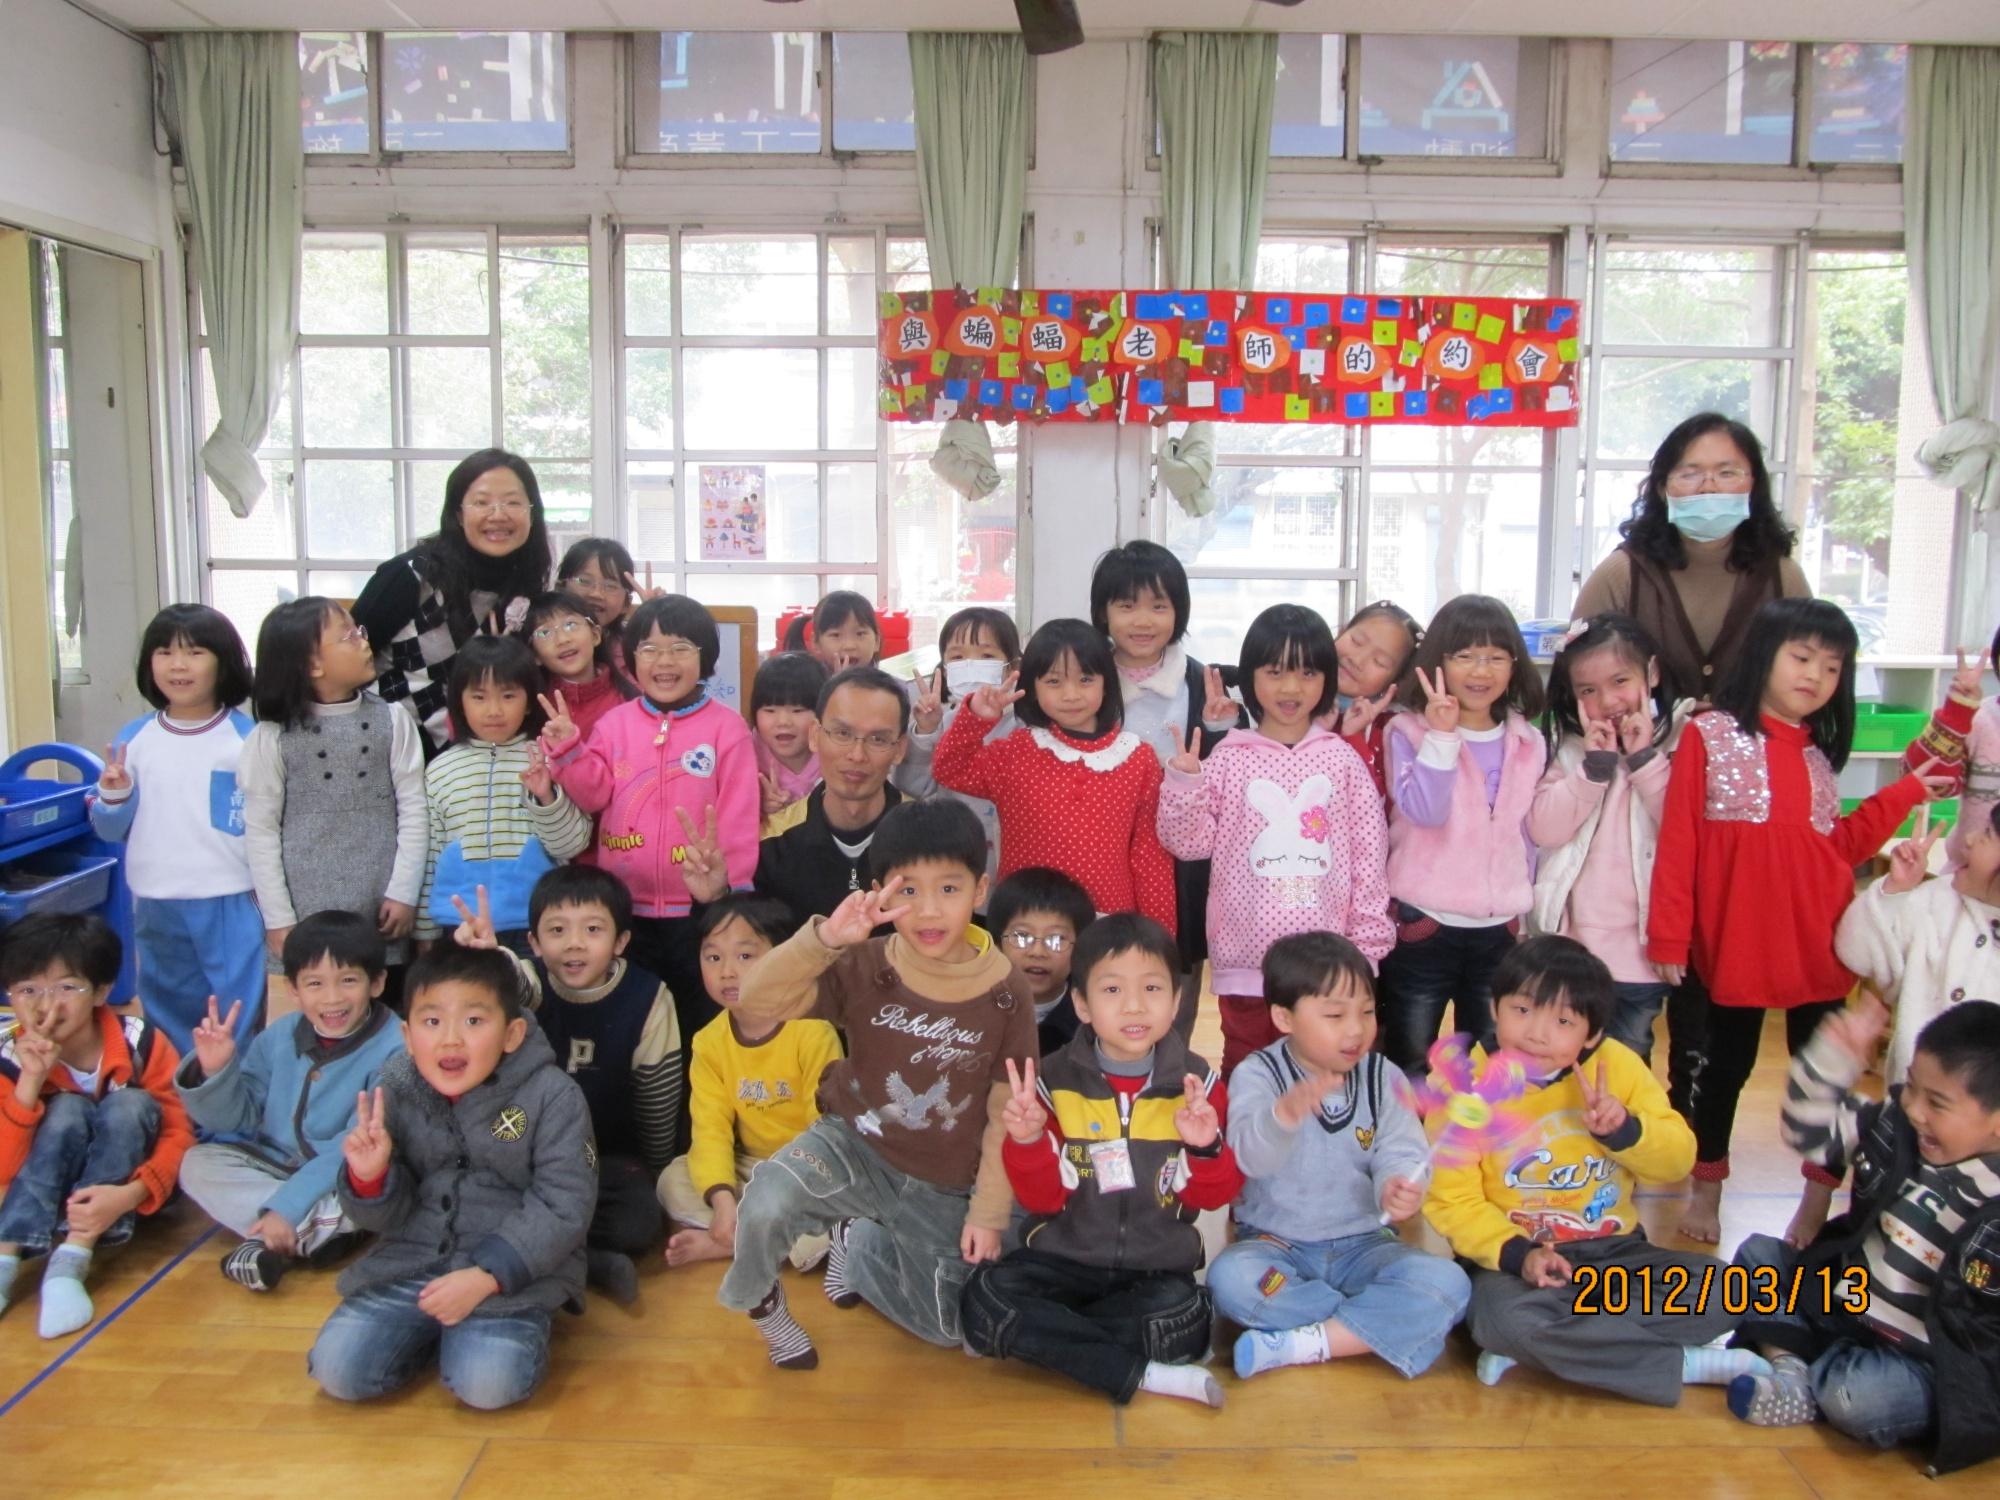 從幼稚園到大學都有學校和我們合作發展蝙蝠保育